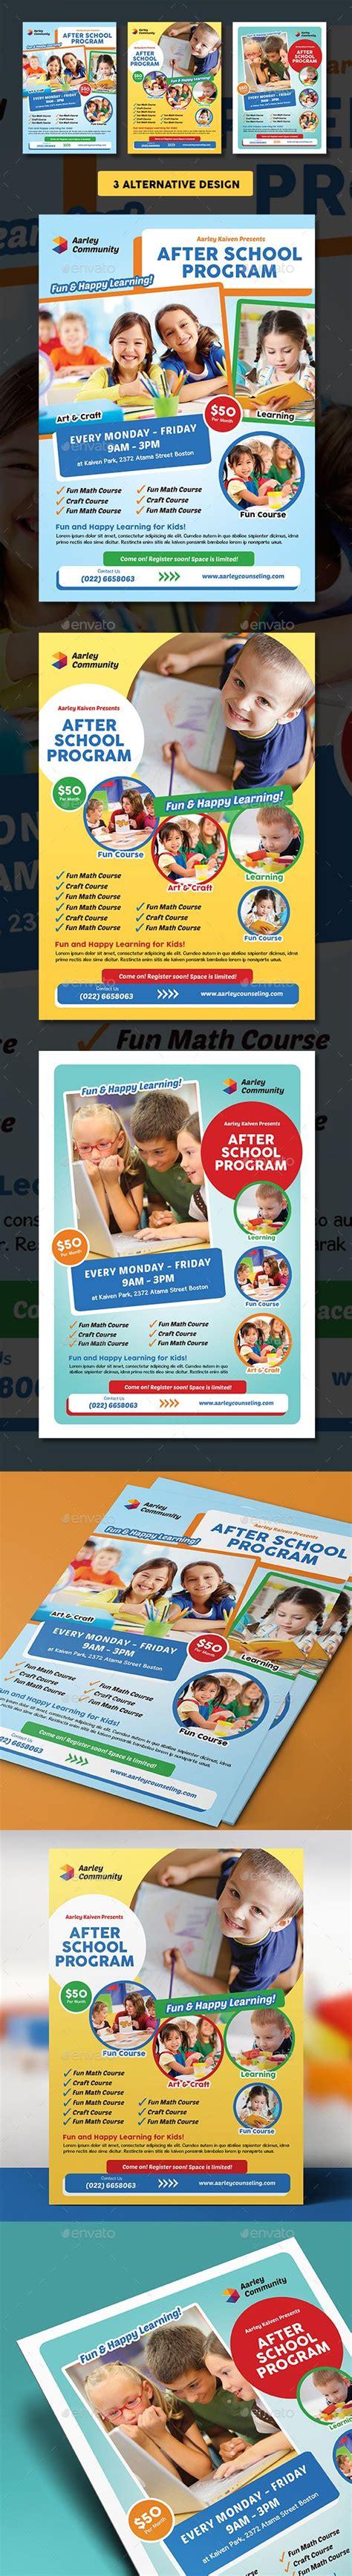 Best 25 After School Programs Ideas On Pinterest School Programs Indoor Games For Teenagers Curriculum Flyer Template